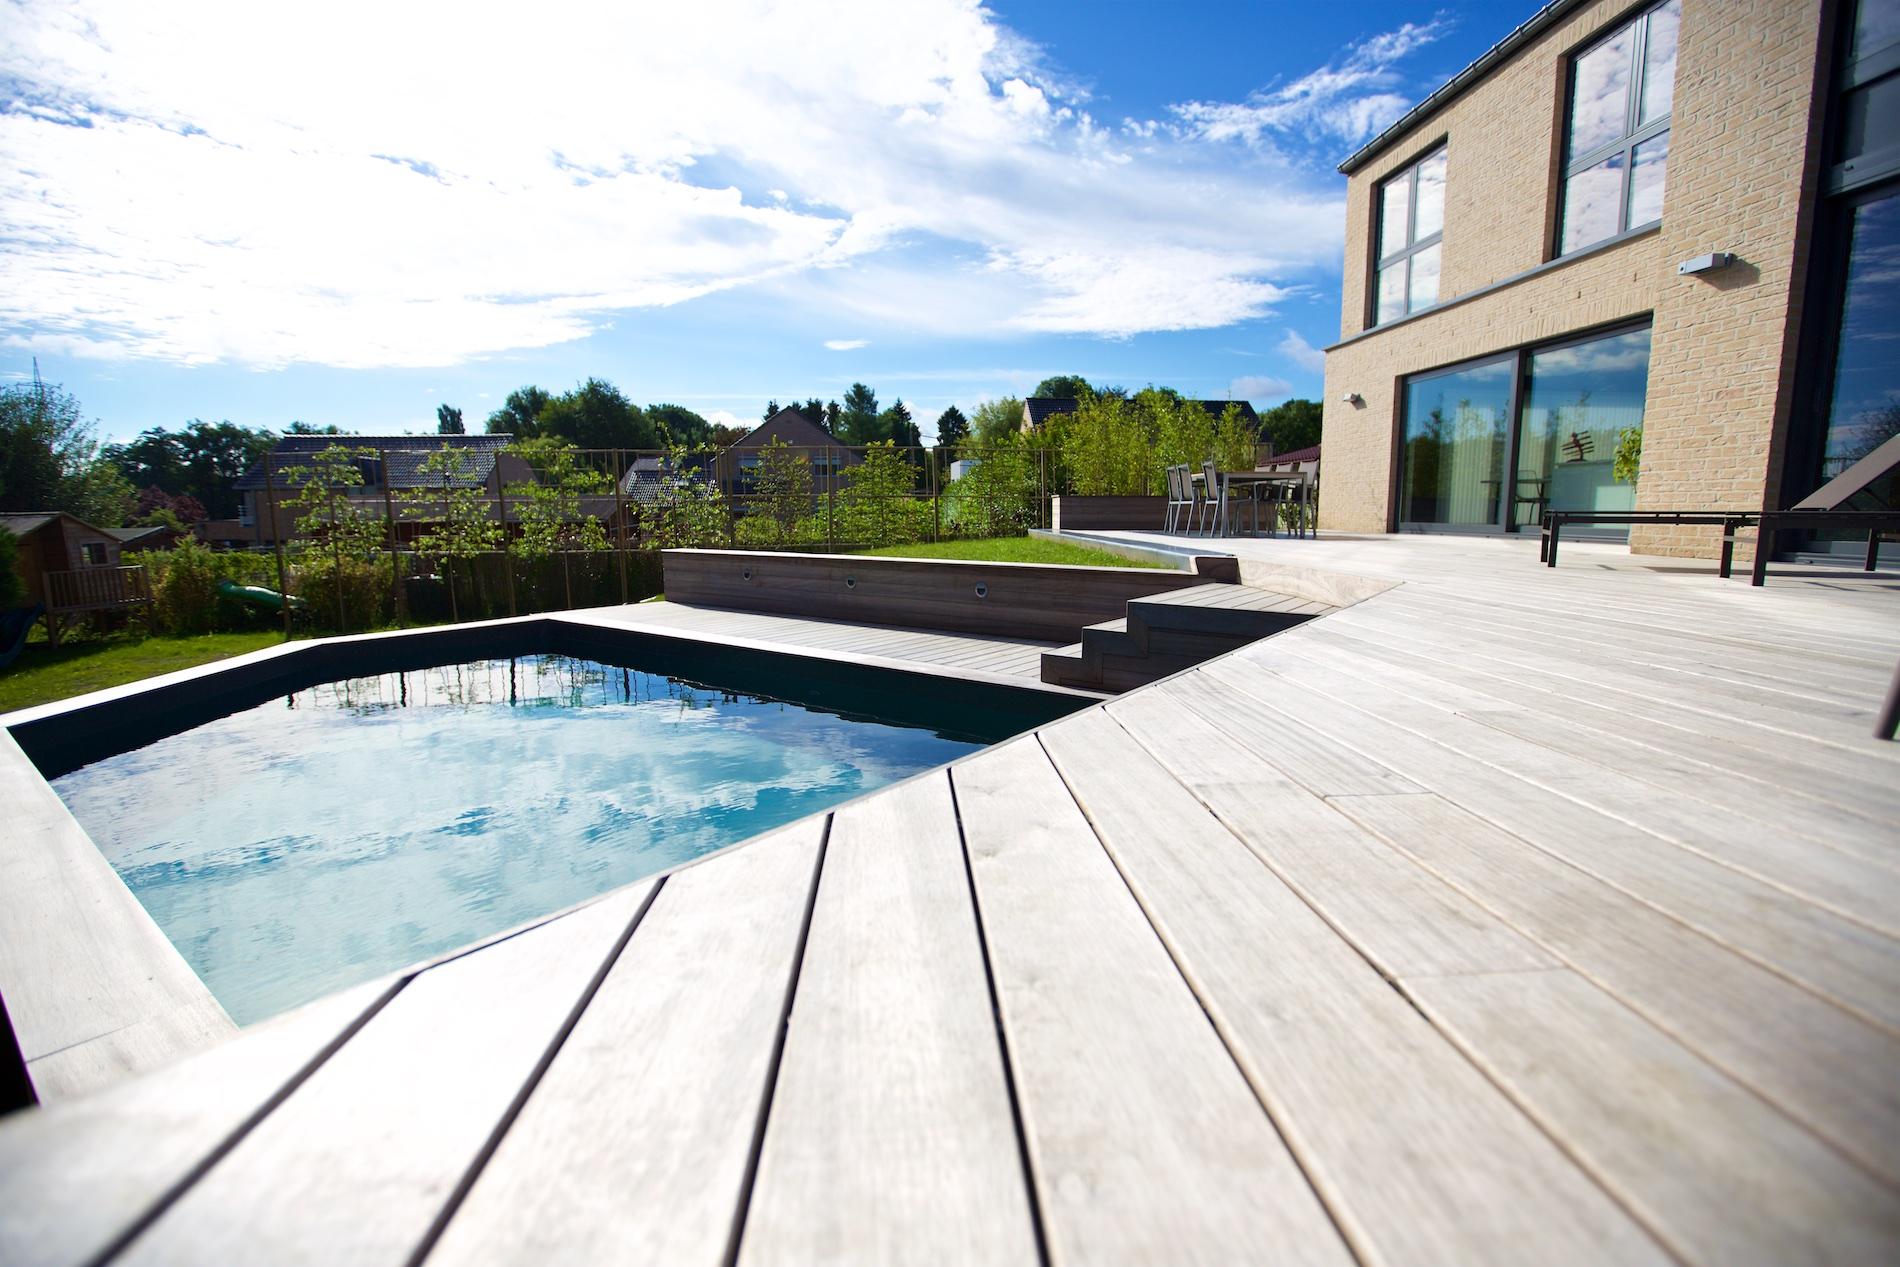 Maison novirtua 1 11 novirtua for Accessoire piscine namur